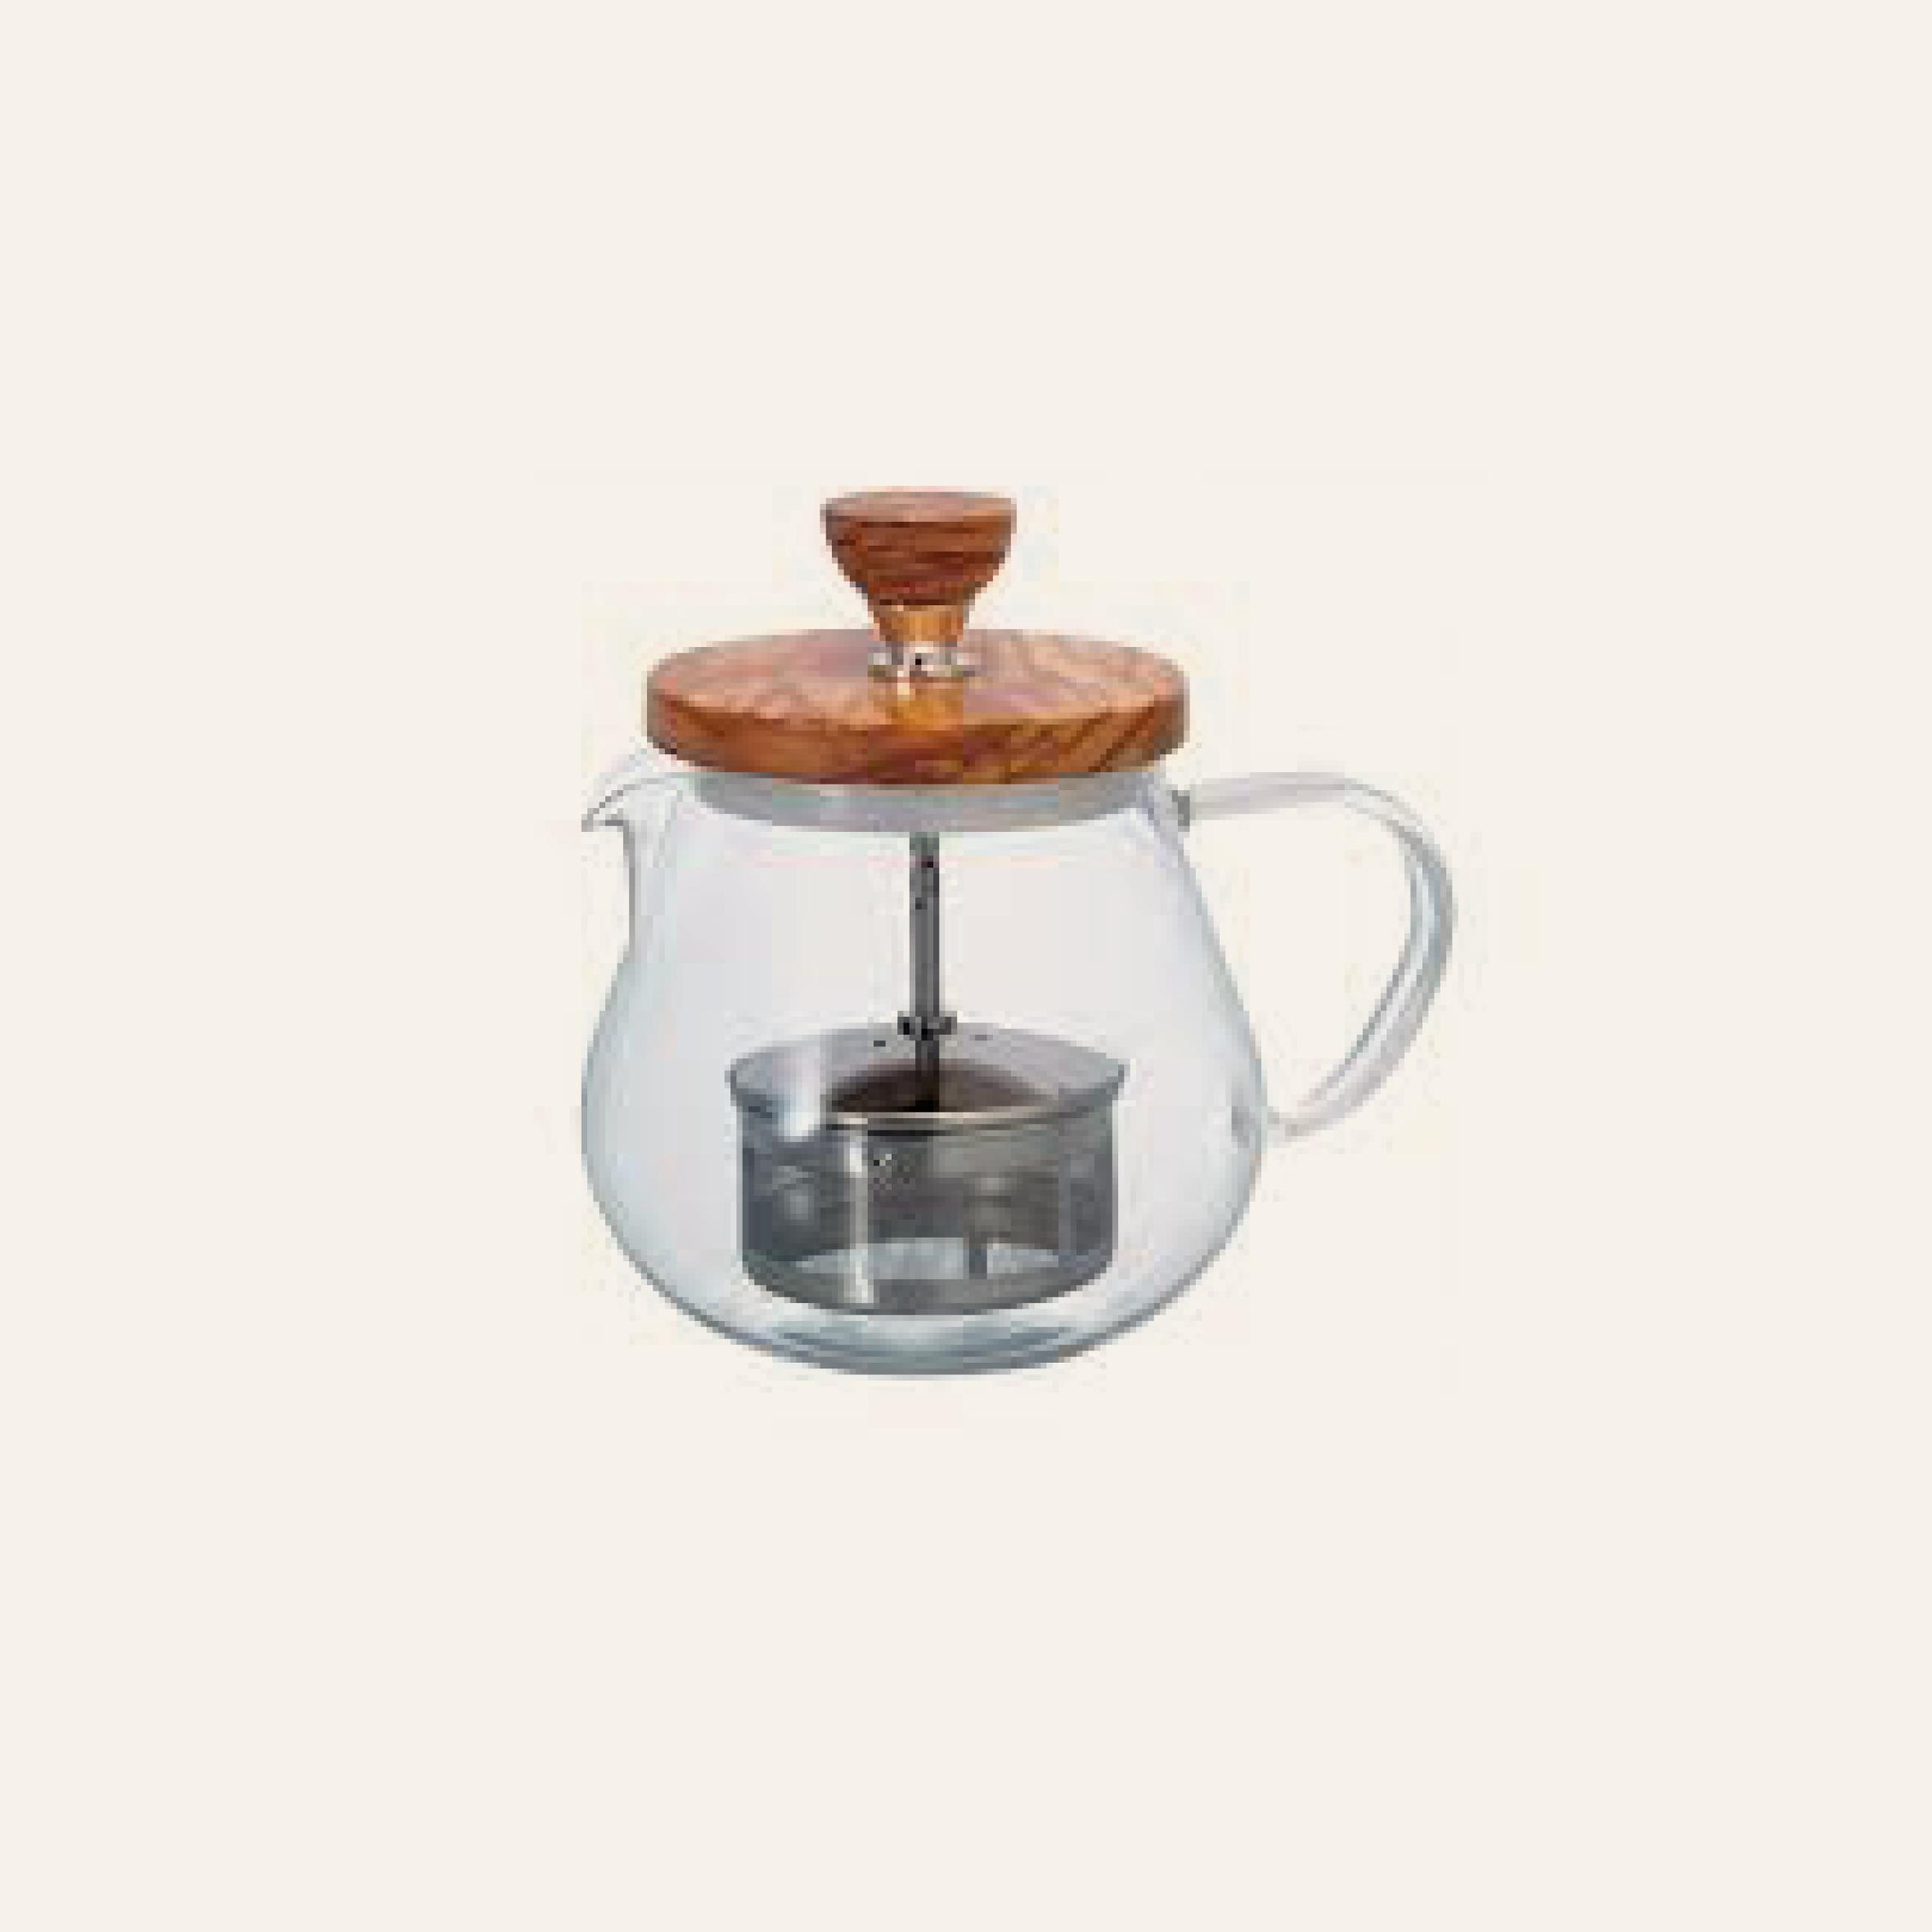 Hario Pull-UP Tea Maker Olive wood TEO-OV